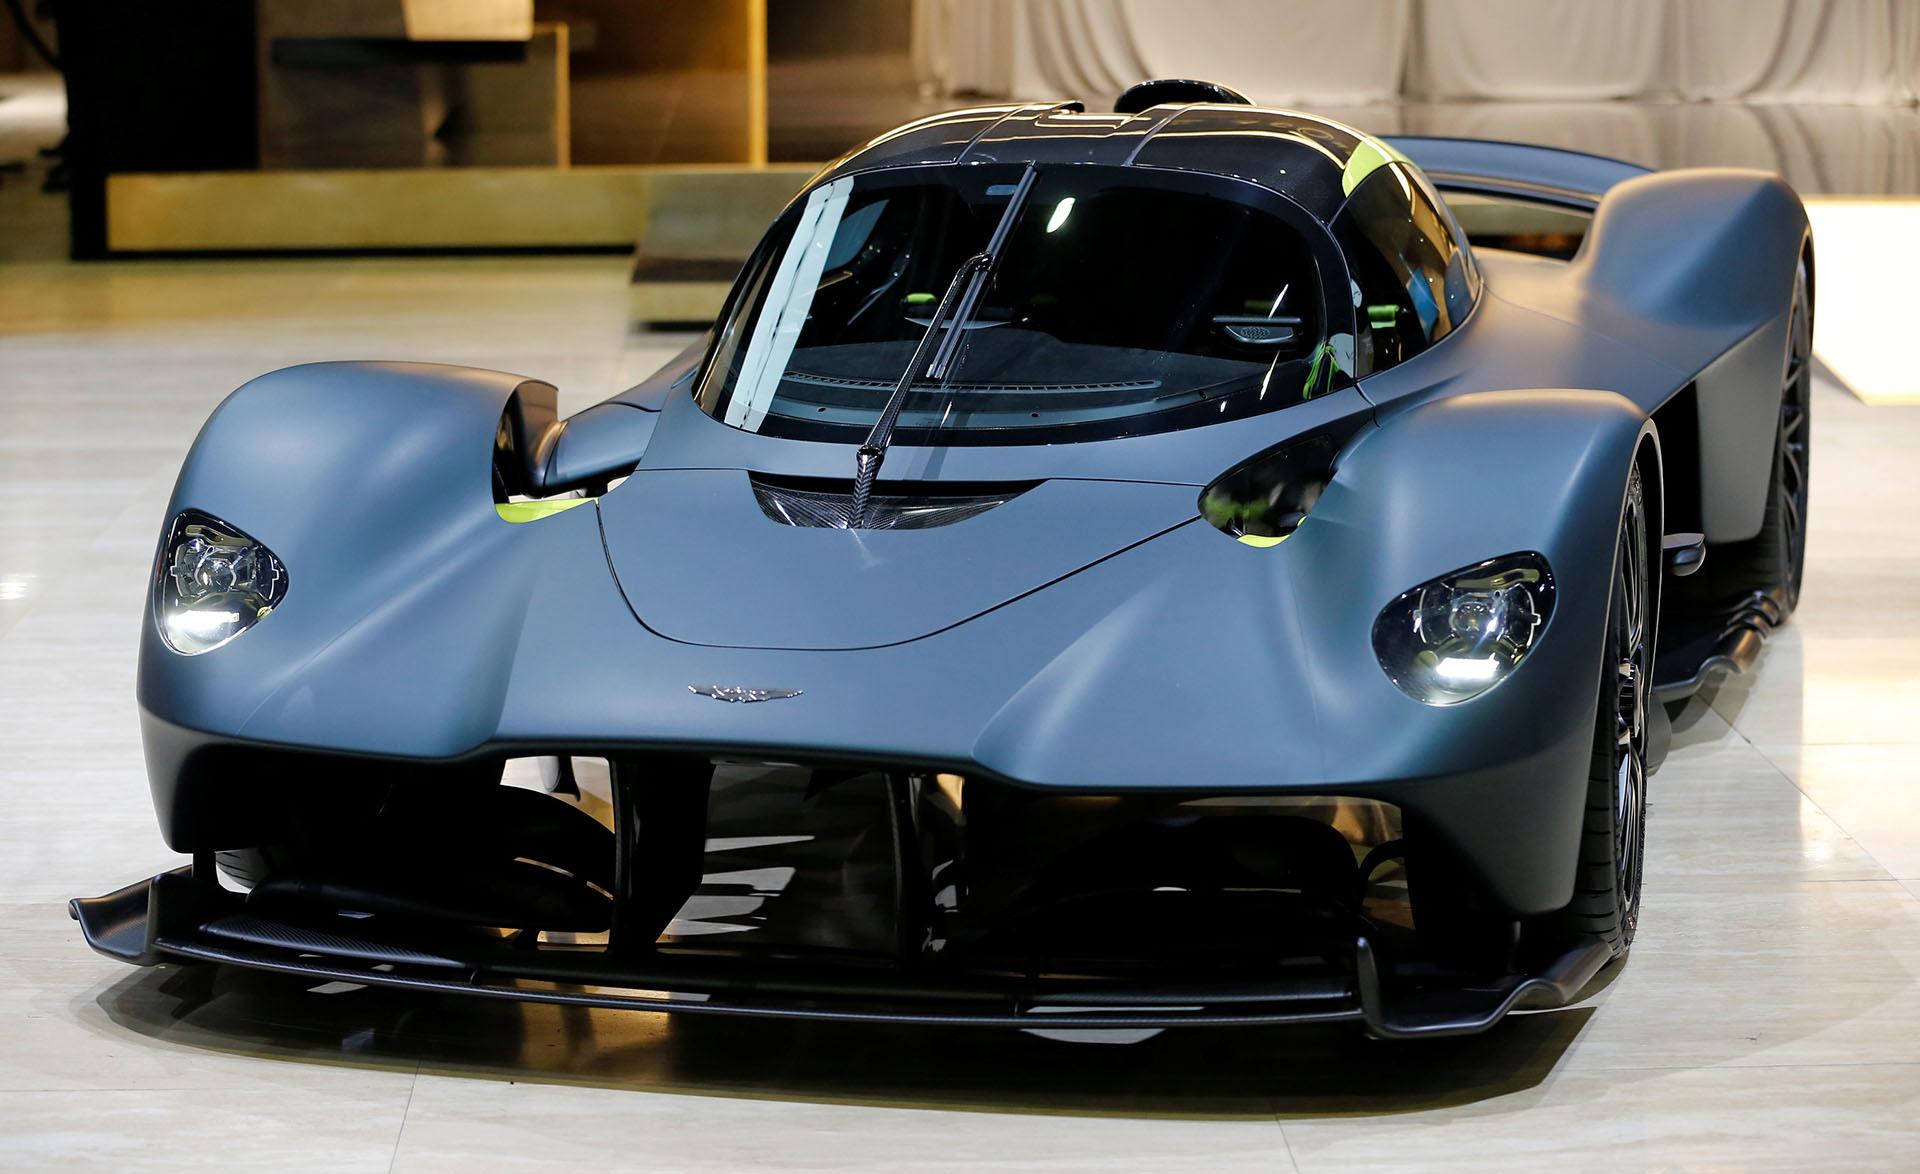 Fue presentado el Aston Martin Valkyrie, un hiperdeportivo del que sólo serán fabricados unas 150 unidades